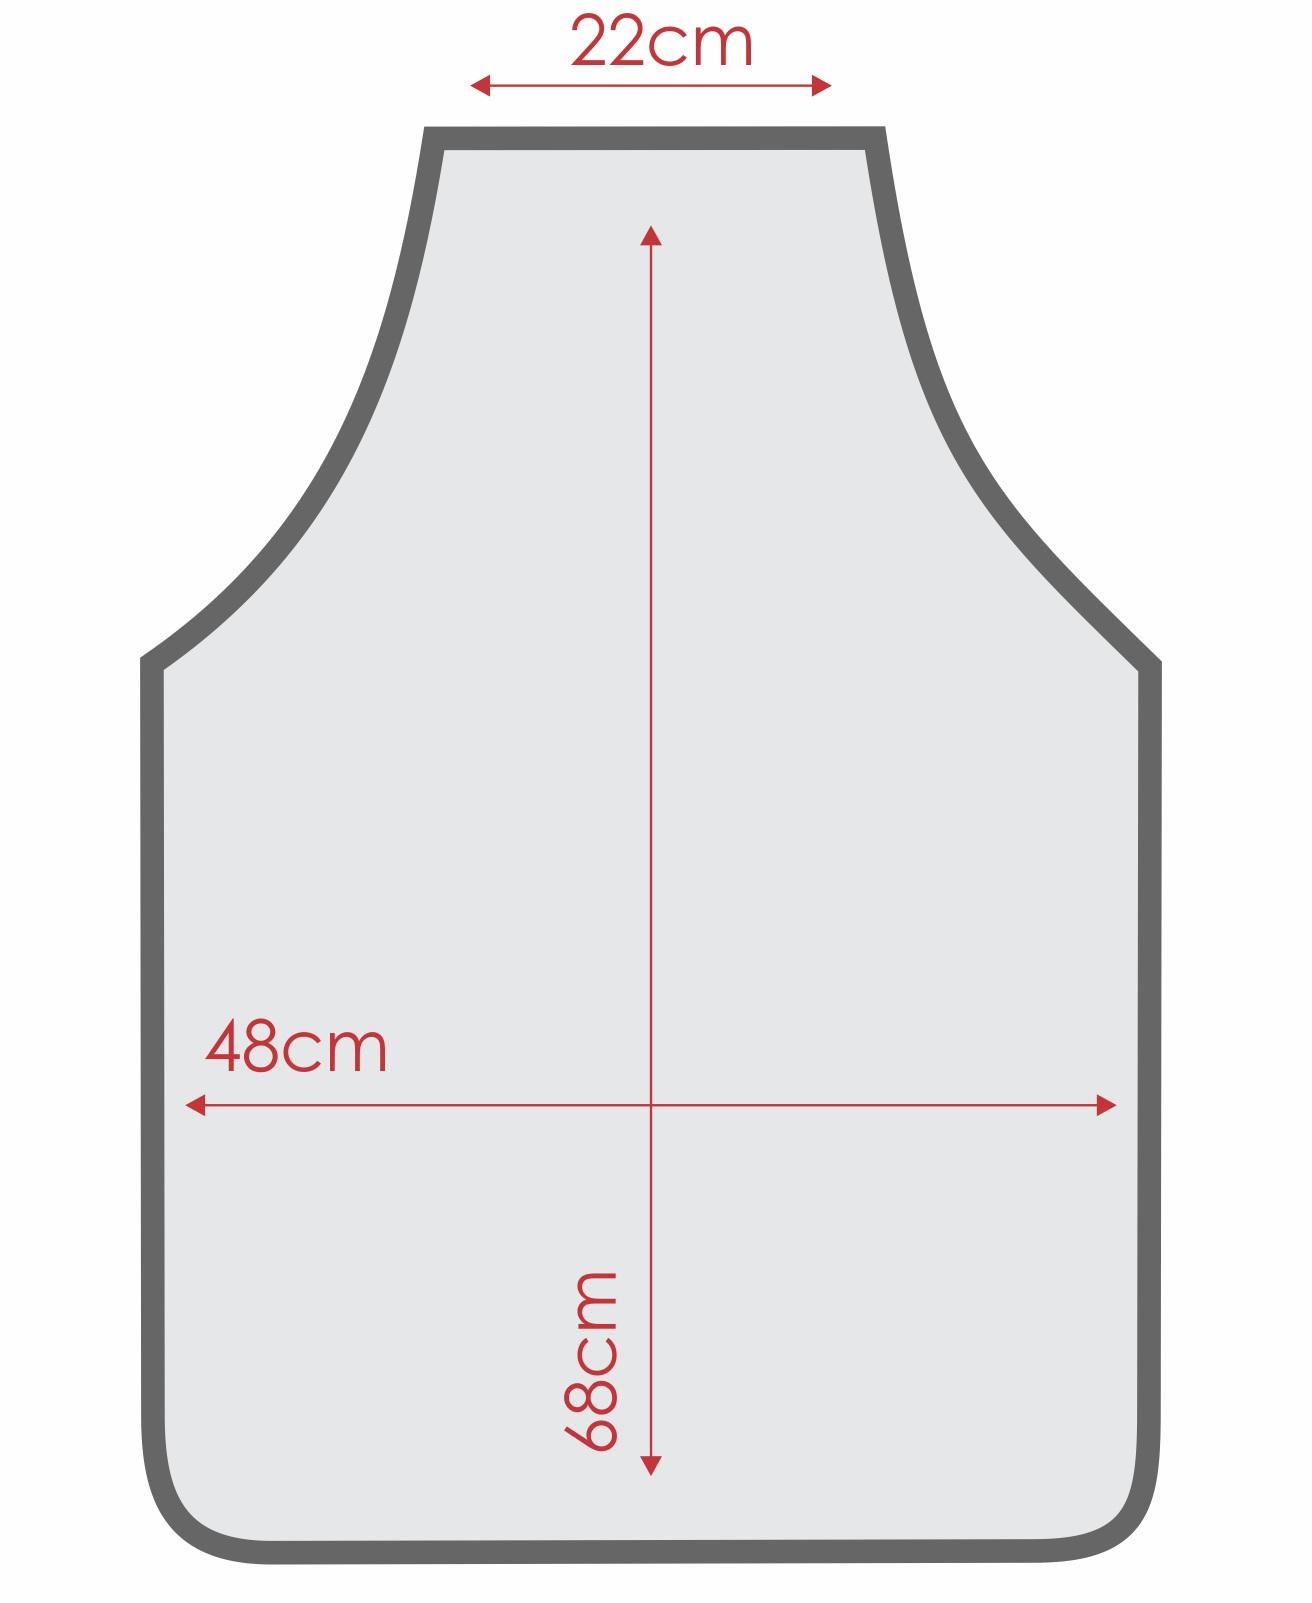 Avental De Cozinha Plastificado Rosa Coruja  - RECANTO DA COSTURA